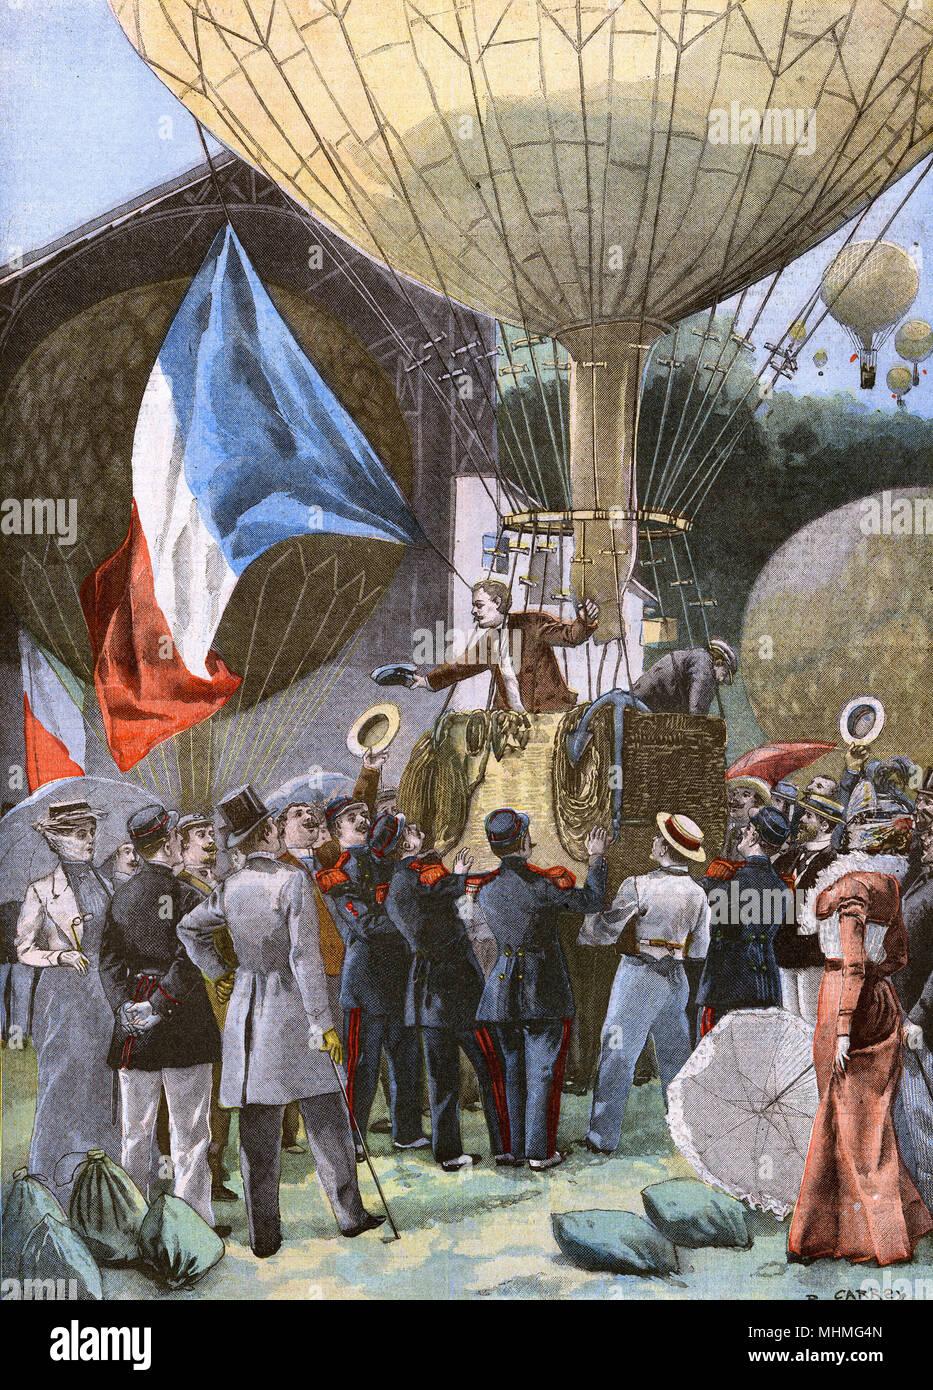 Un globo rally en Vincennes, en las afueras de París. Fecha: 1900 Imagen De Stock